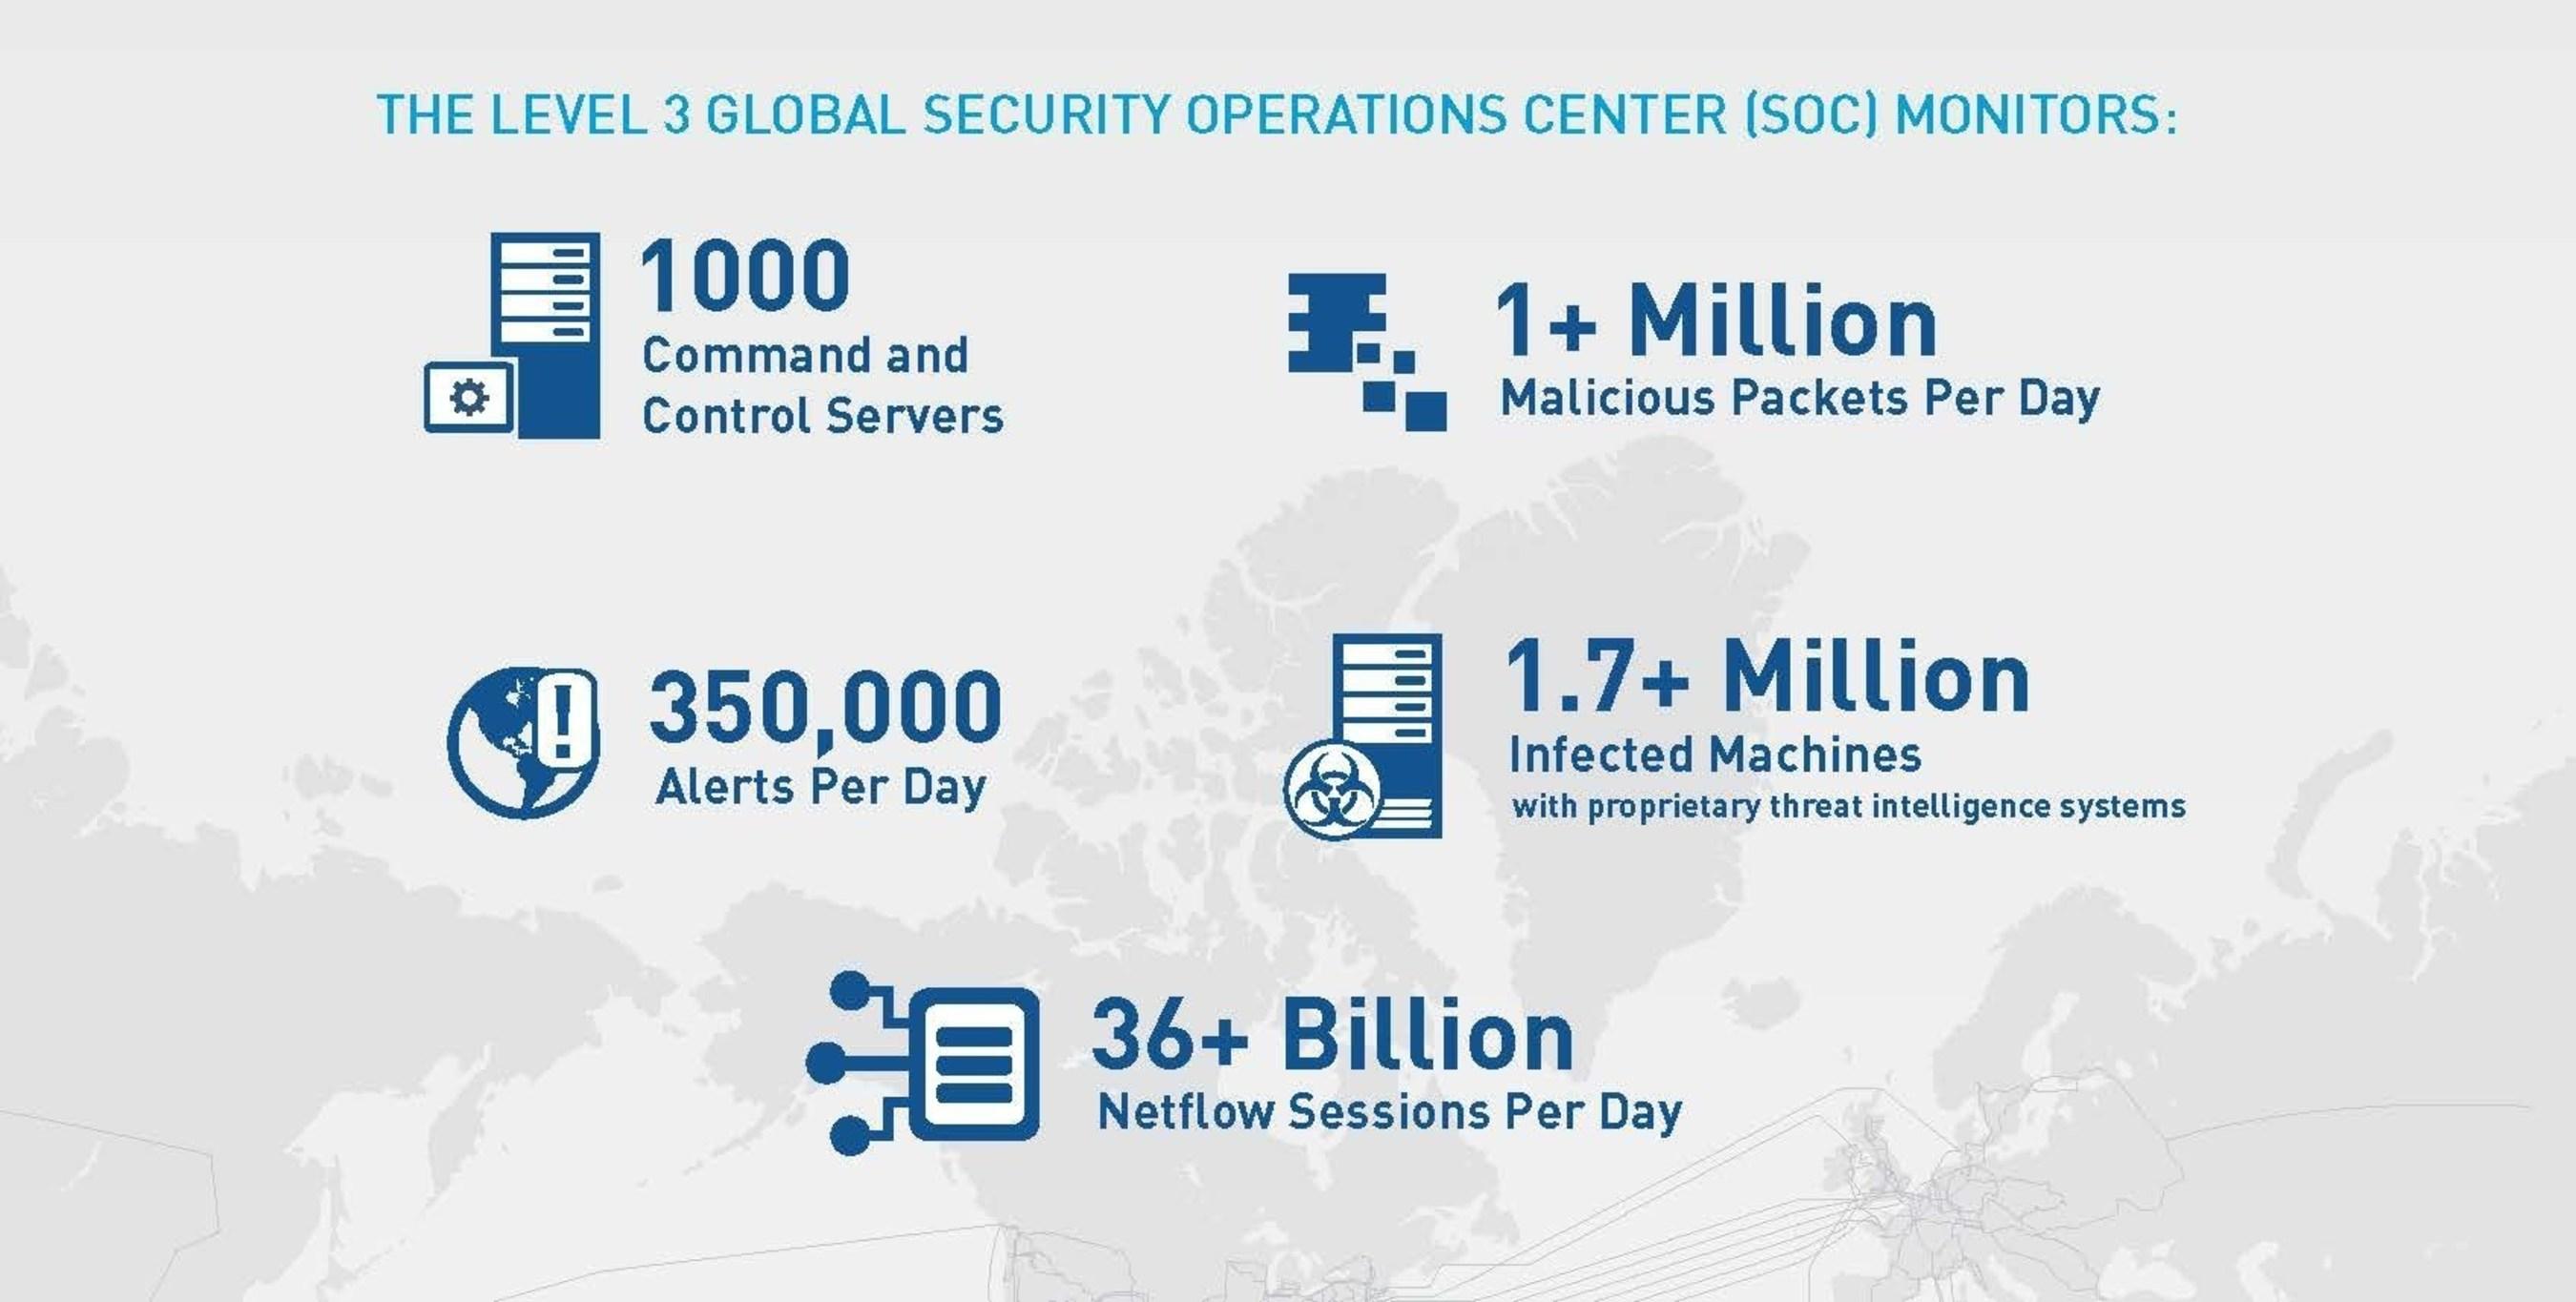 Level 3 voegt nieuw Distributed Denial of Service (DDoS)-mitigatieaanbod met circa 4,5 Tbps aan